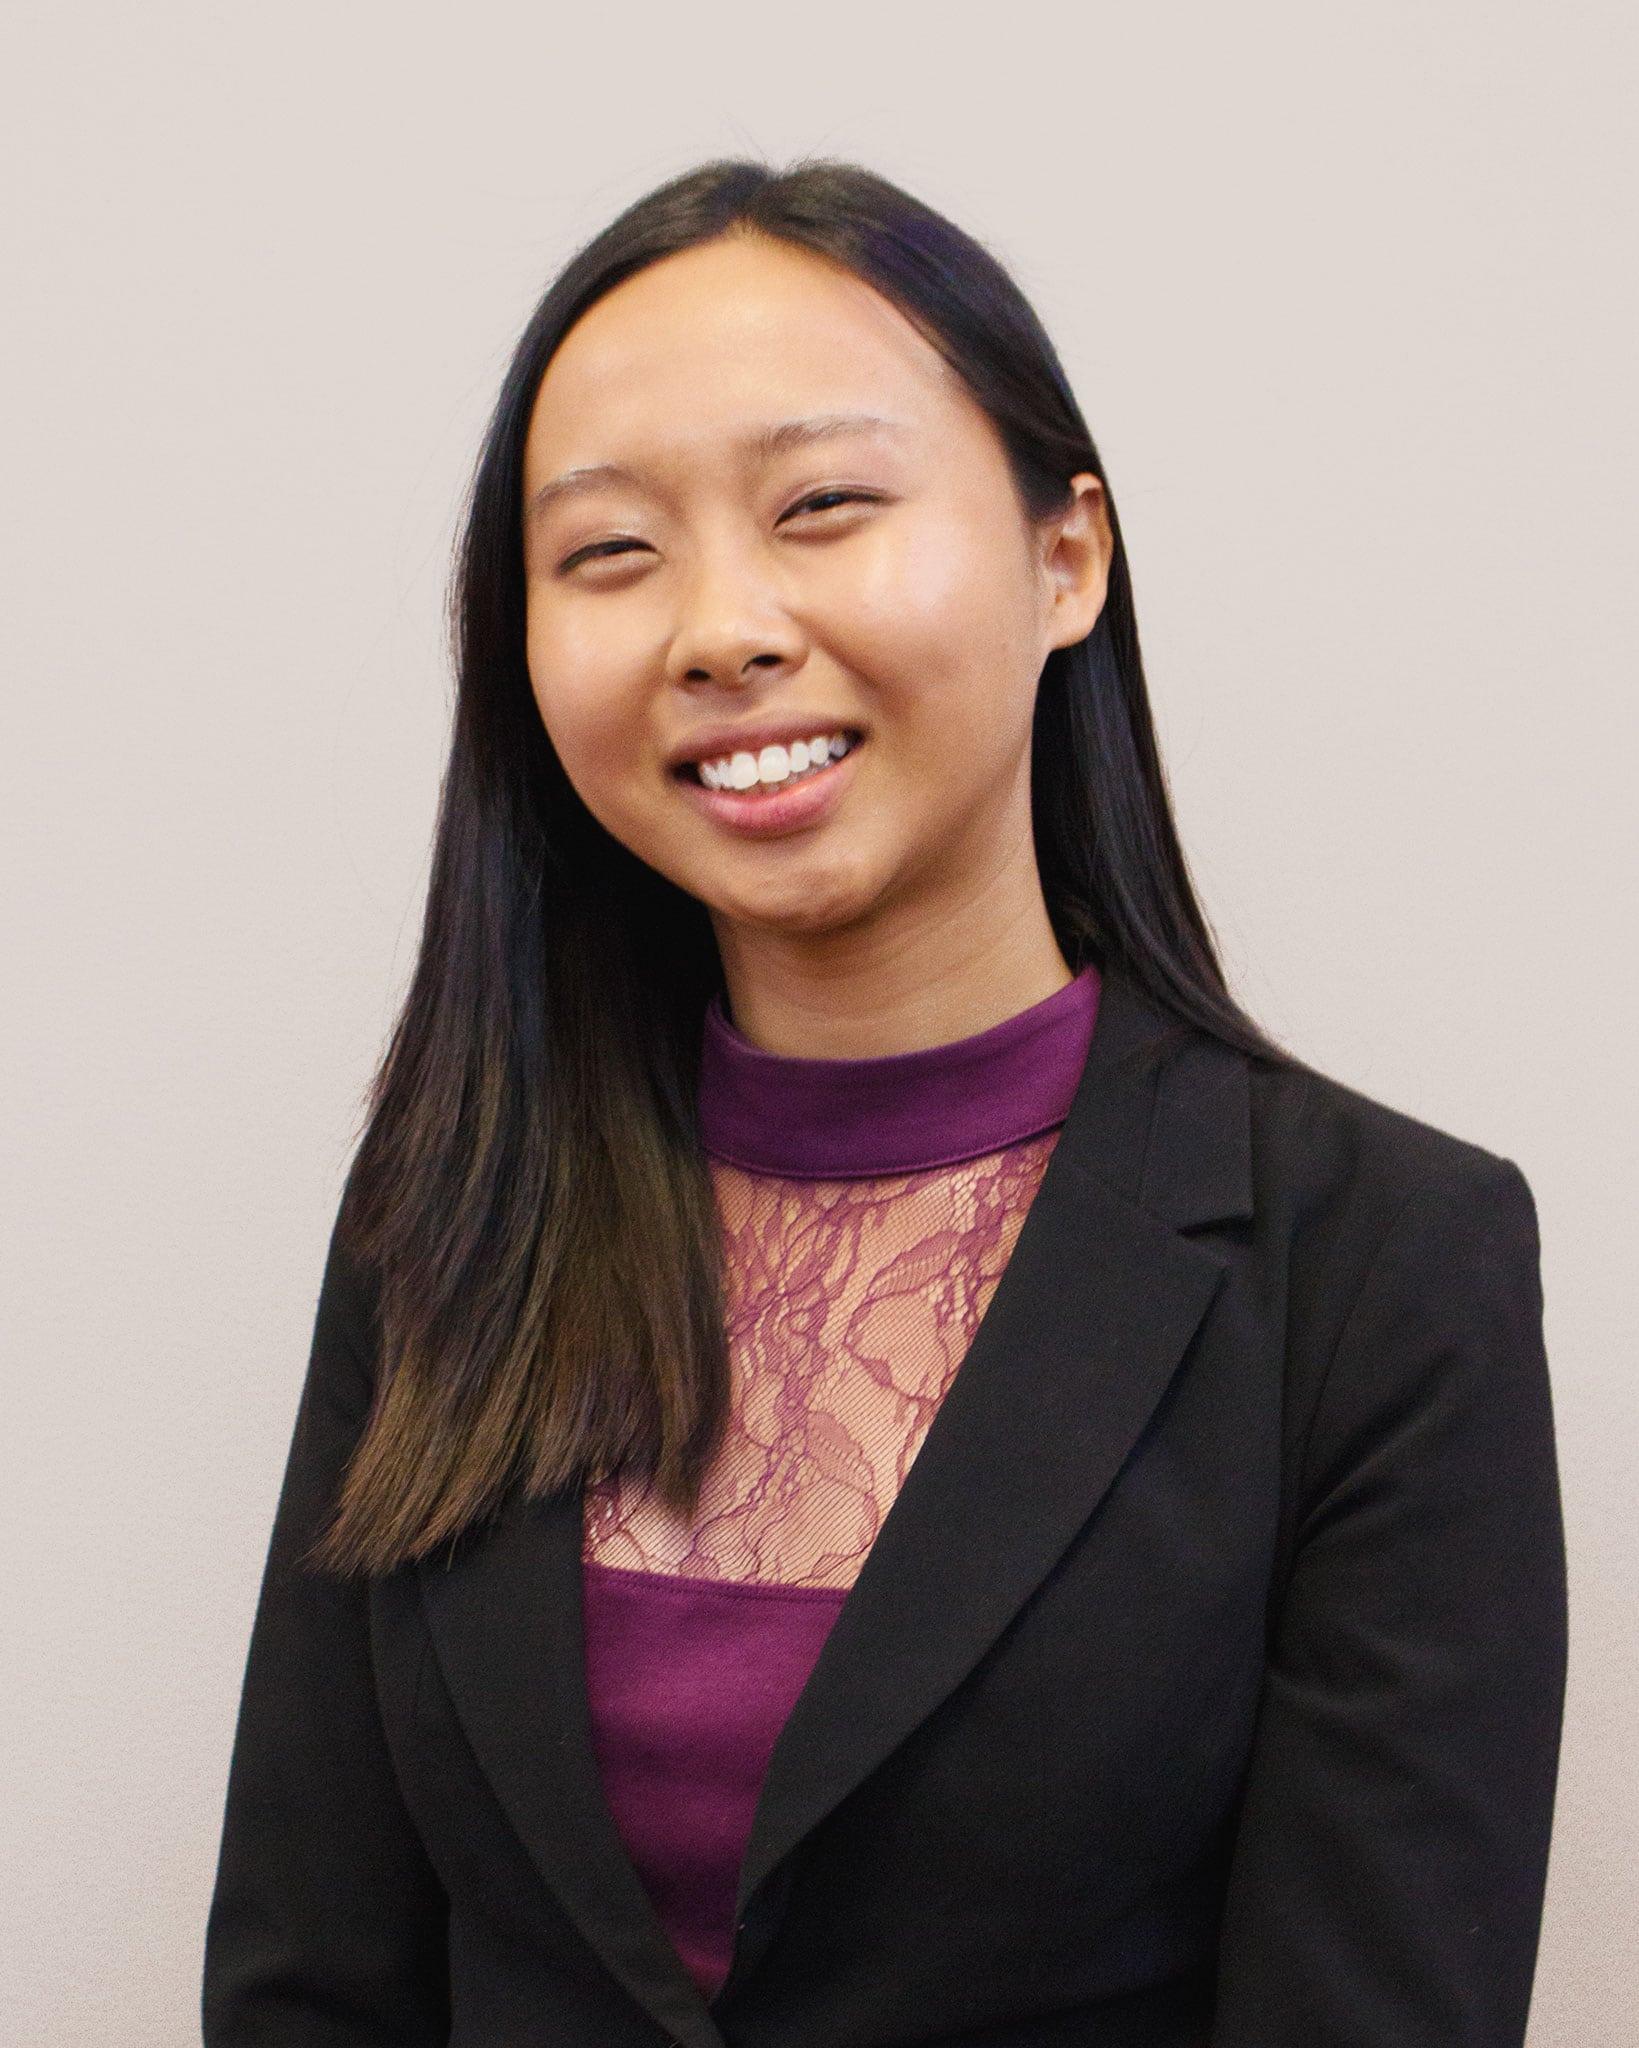 Katherine Hsuo